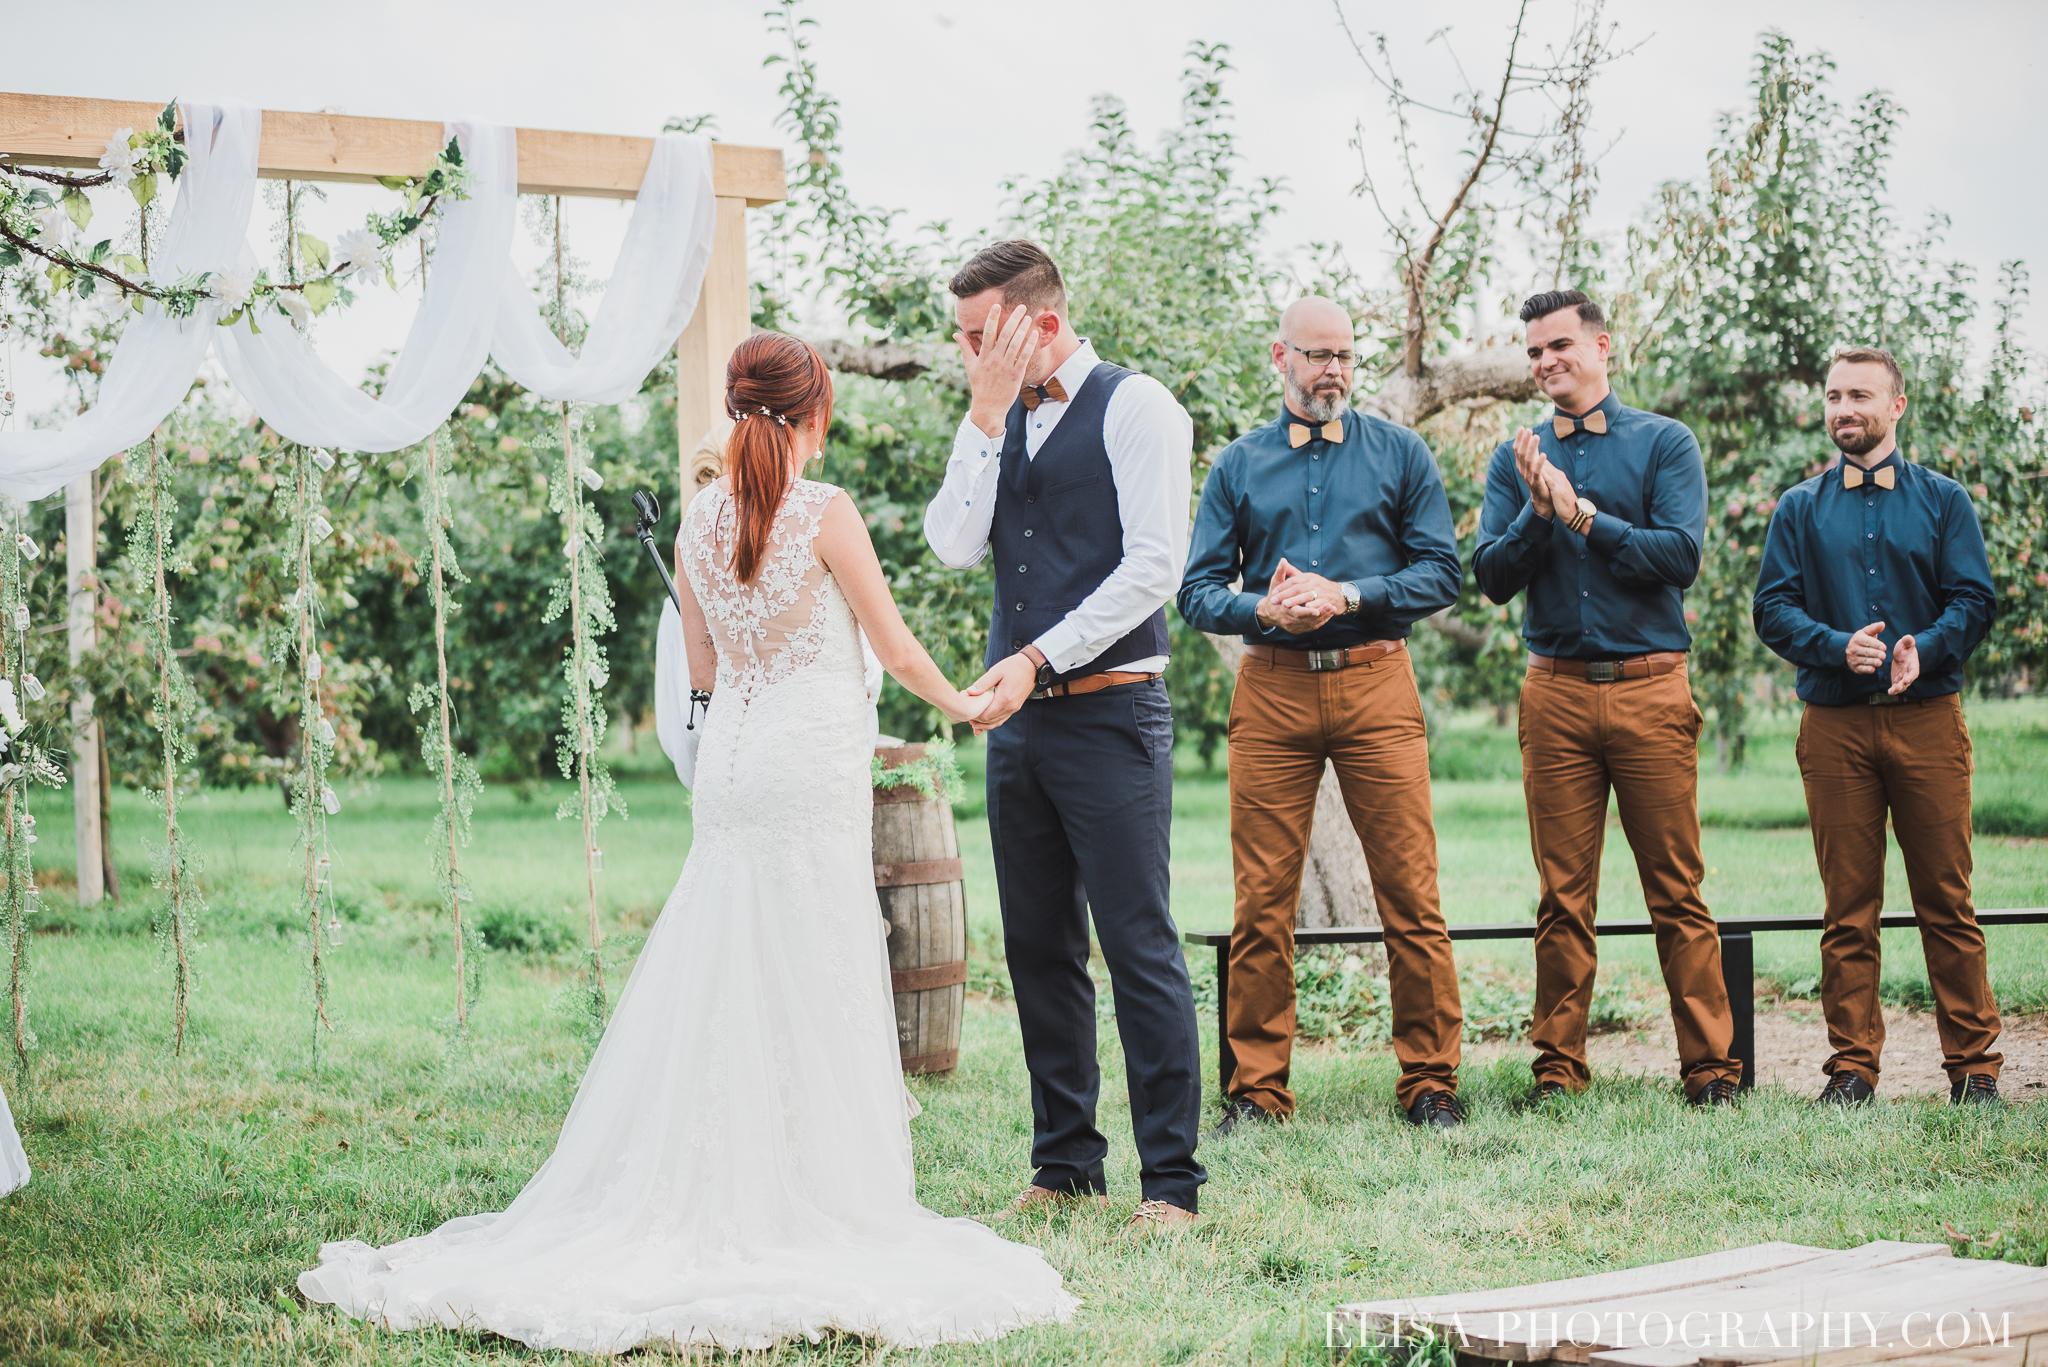 photo mariage ferme genest ceremonie verger pommier quebec 1445 - Smoke bomb et mariage dans les vergers de la Ferme Genest à Saint-Nicolas